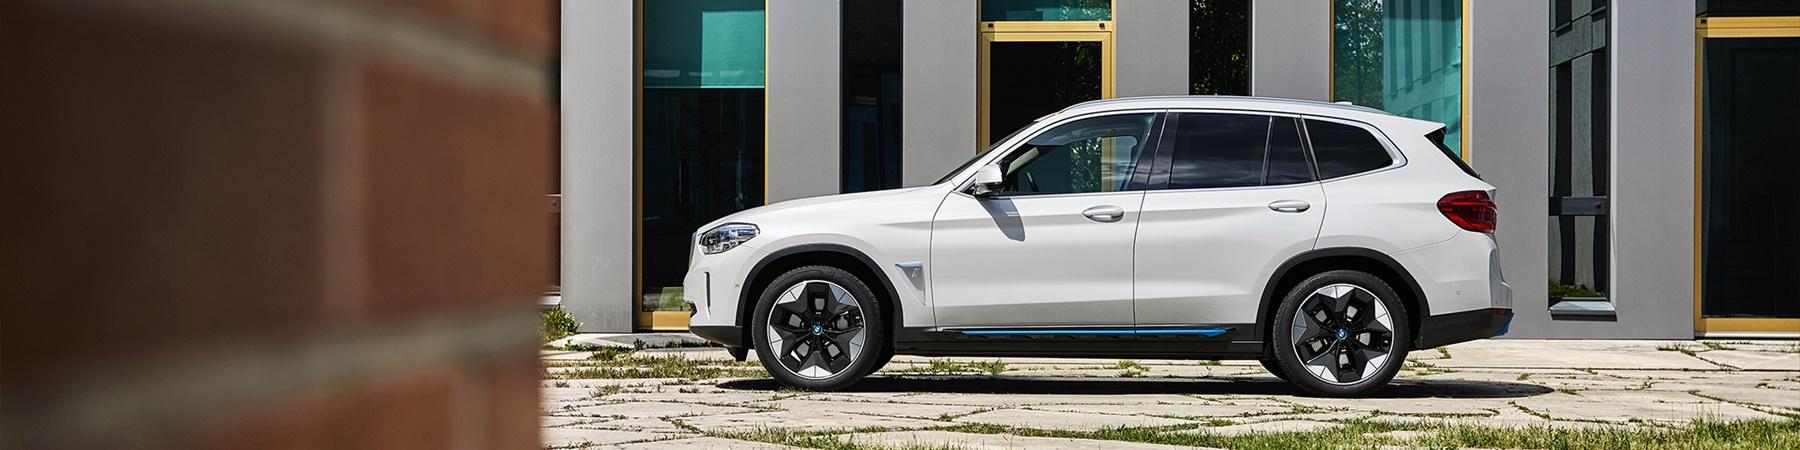 BMW iX3 80kWh 306 km actieradius